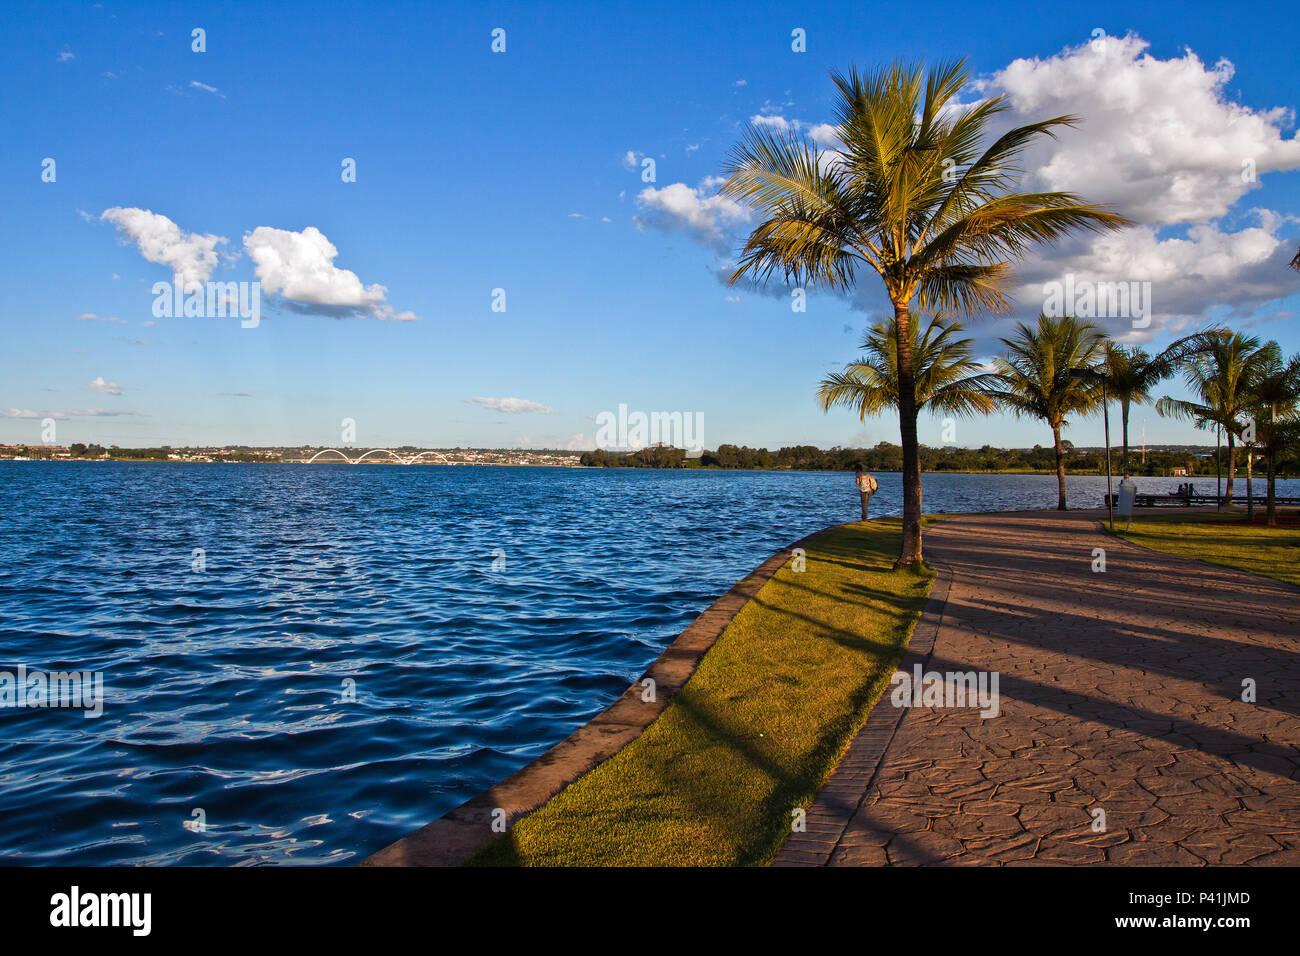 Brasília - DF Lago Paranoá lago artificial de Brasília lago águas represadas do Rio Paranoá Brasília Distrito Federal Centro Oeste - Stock Image